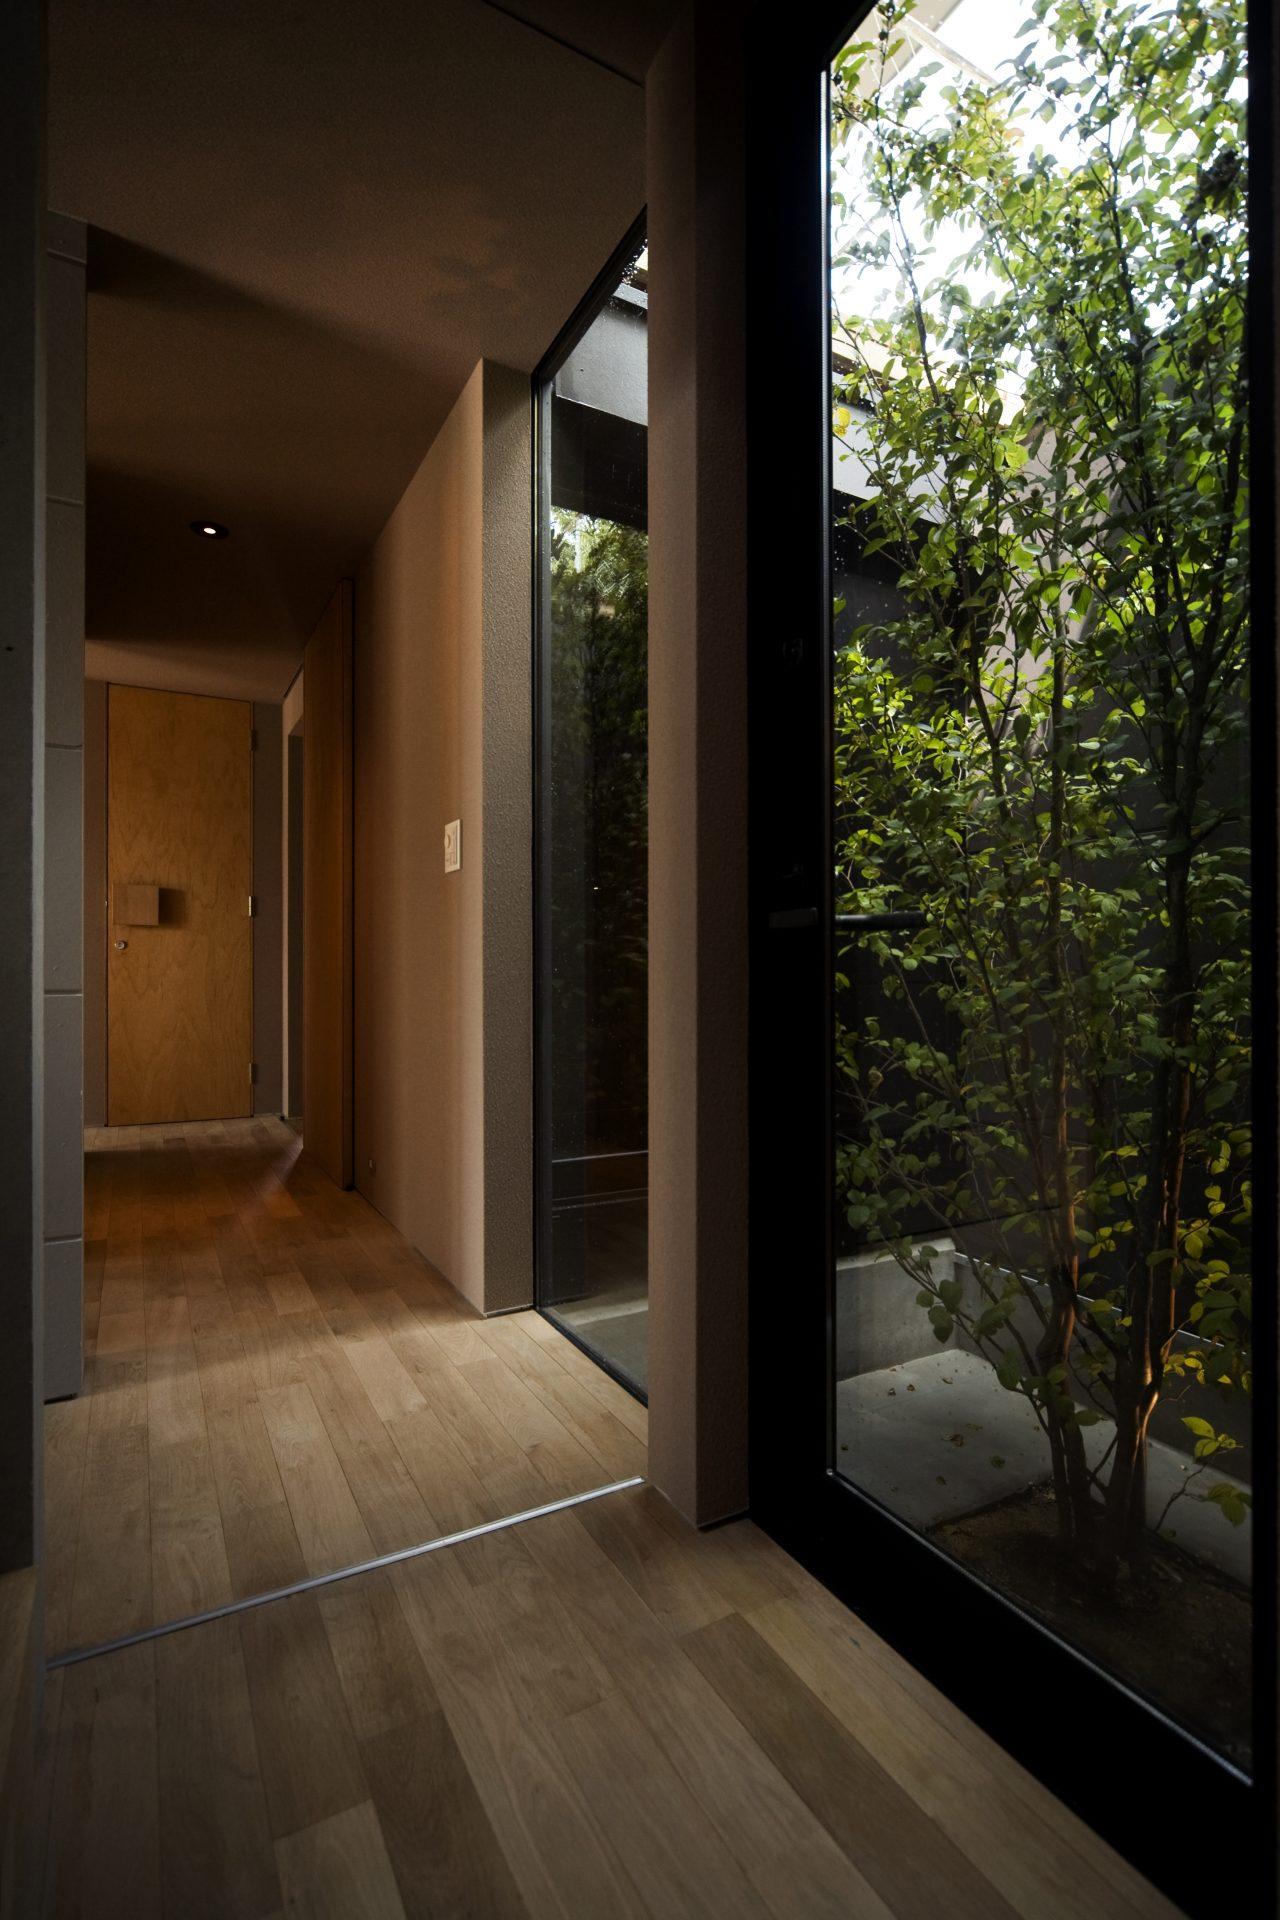 奈良登美ヶ丘の家の廊下02